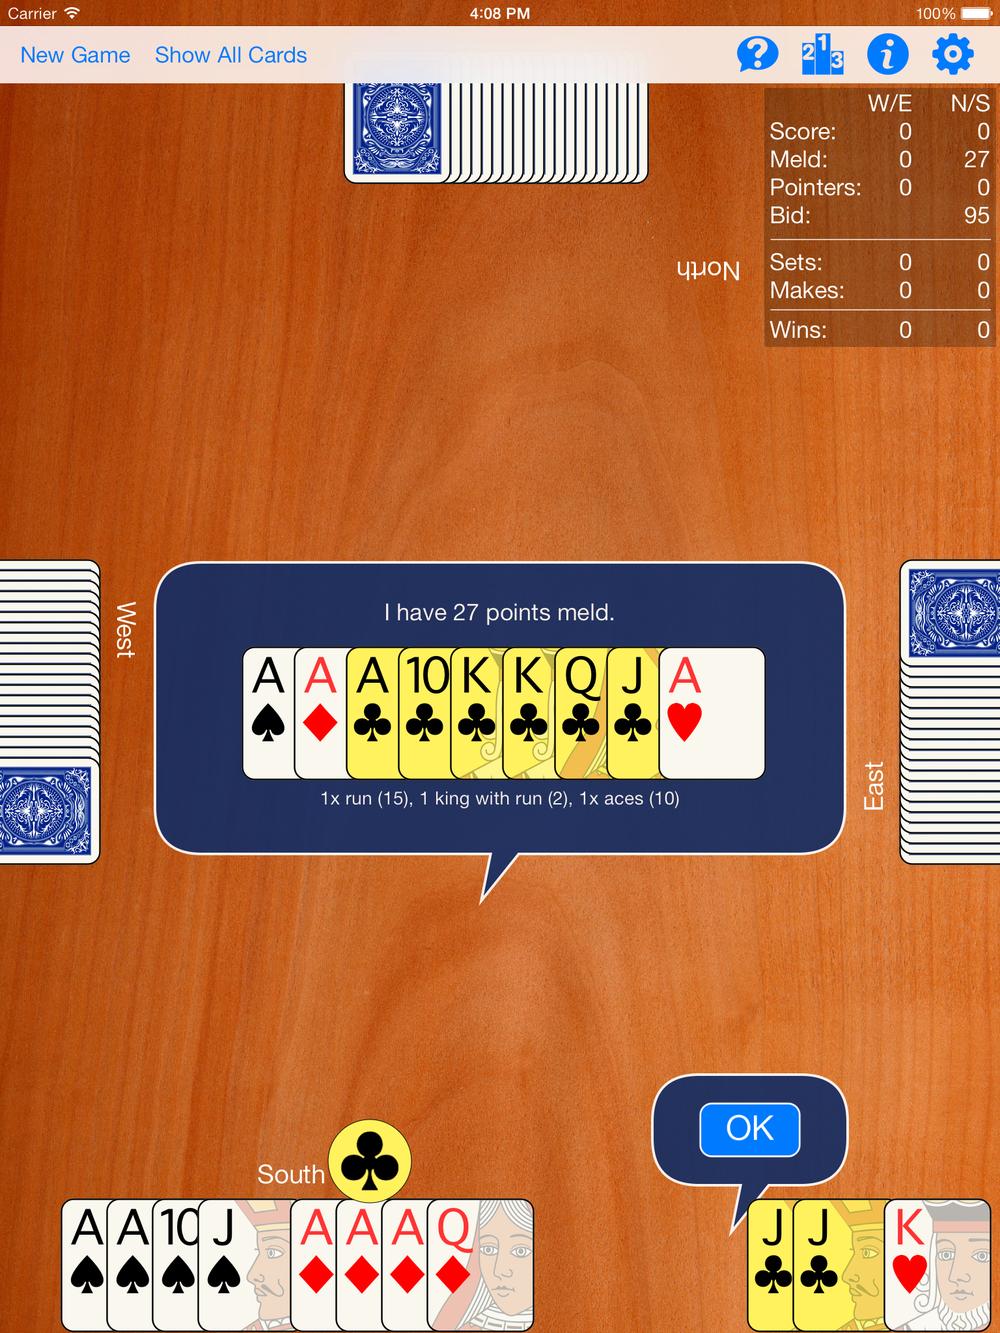 iOS Simulator Screen shot Oct 5, 2013, 4.08.49 PM.png